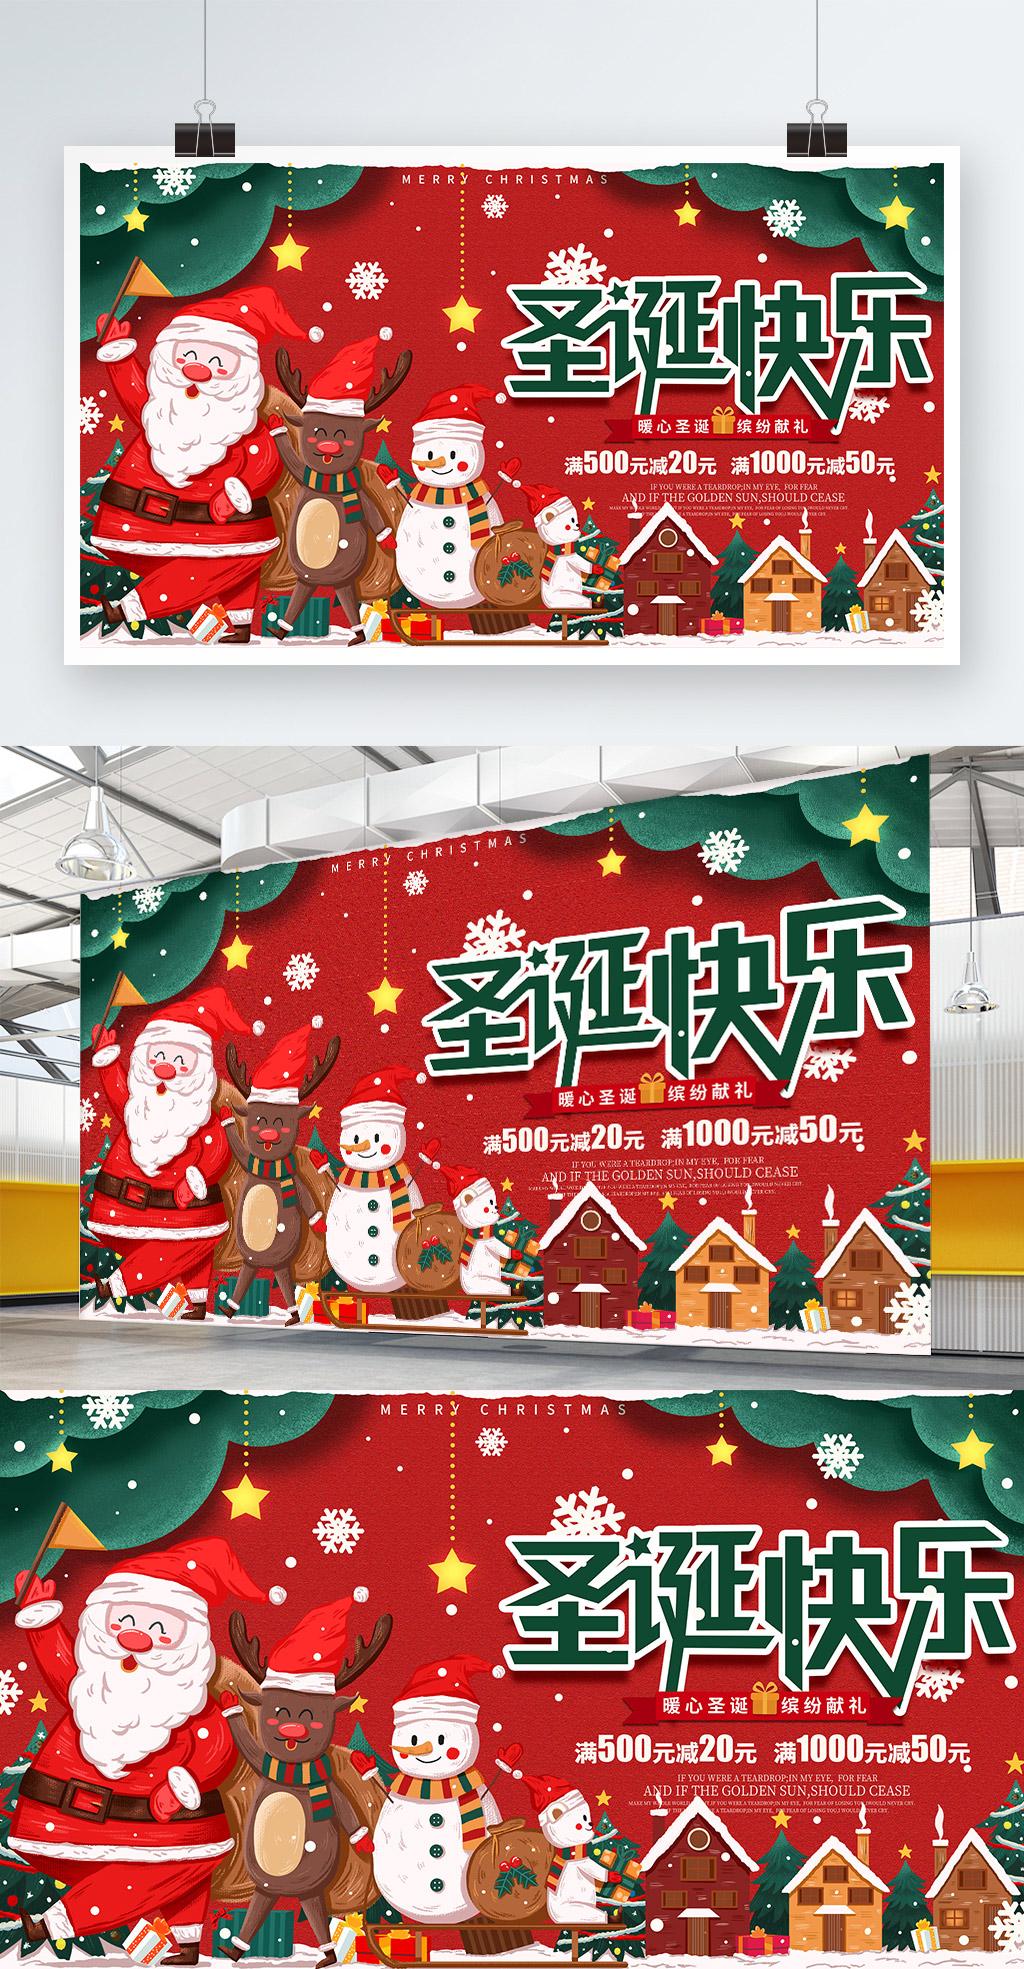 手绘圣诞节节日促销展板